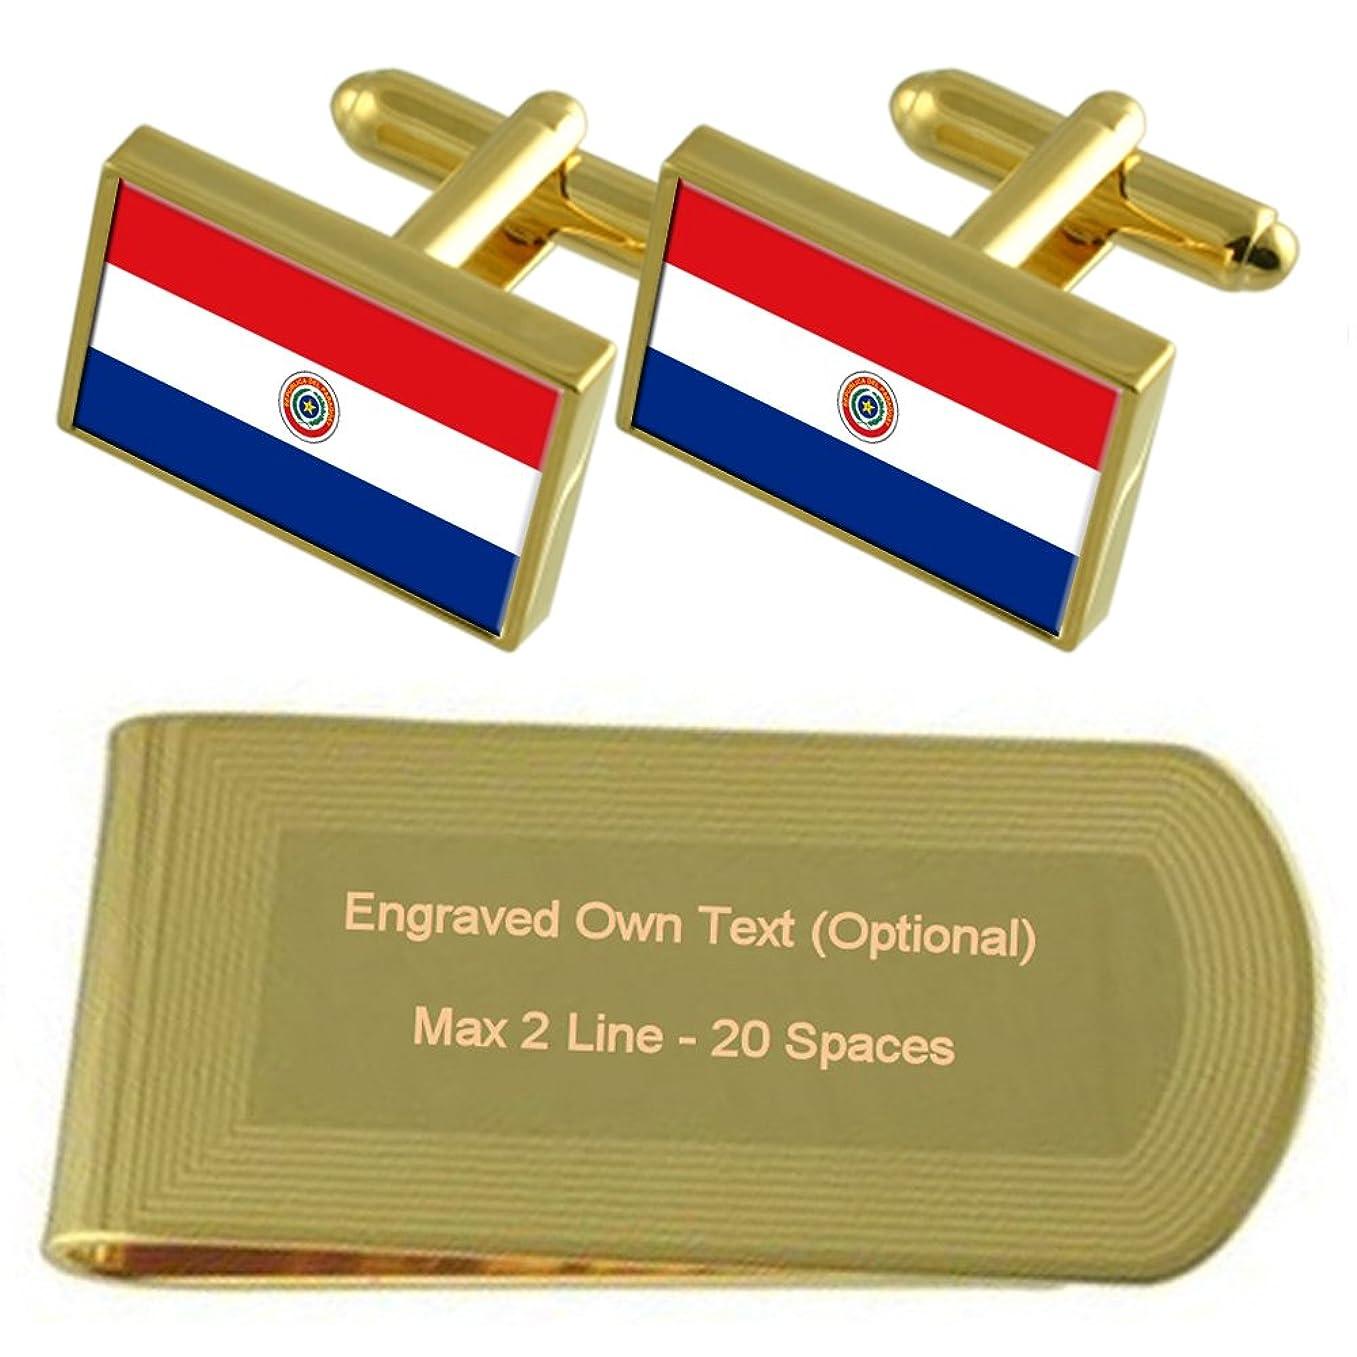 シーサイド酸度カタログパラグアイの国旗のゴールド?トーン カフスボタン お金クリップを刻まれたギフトセット